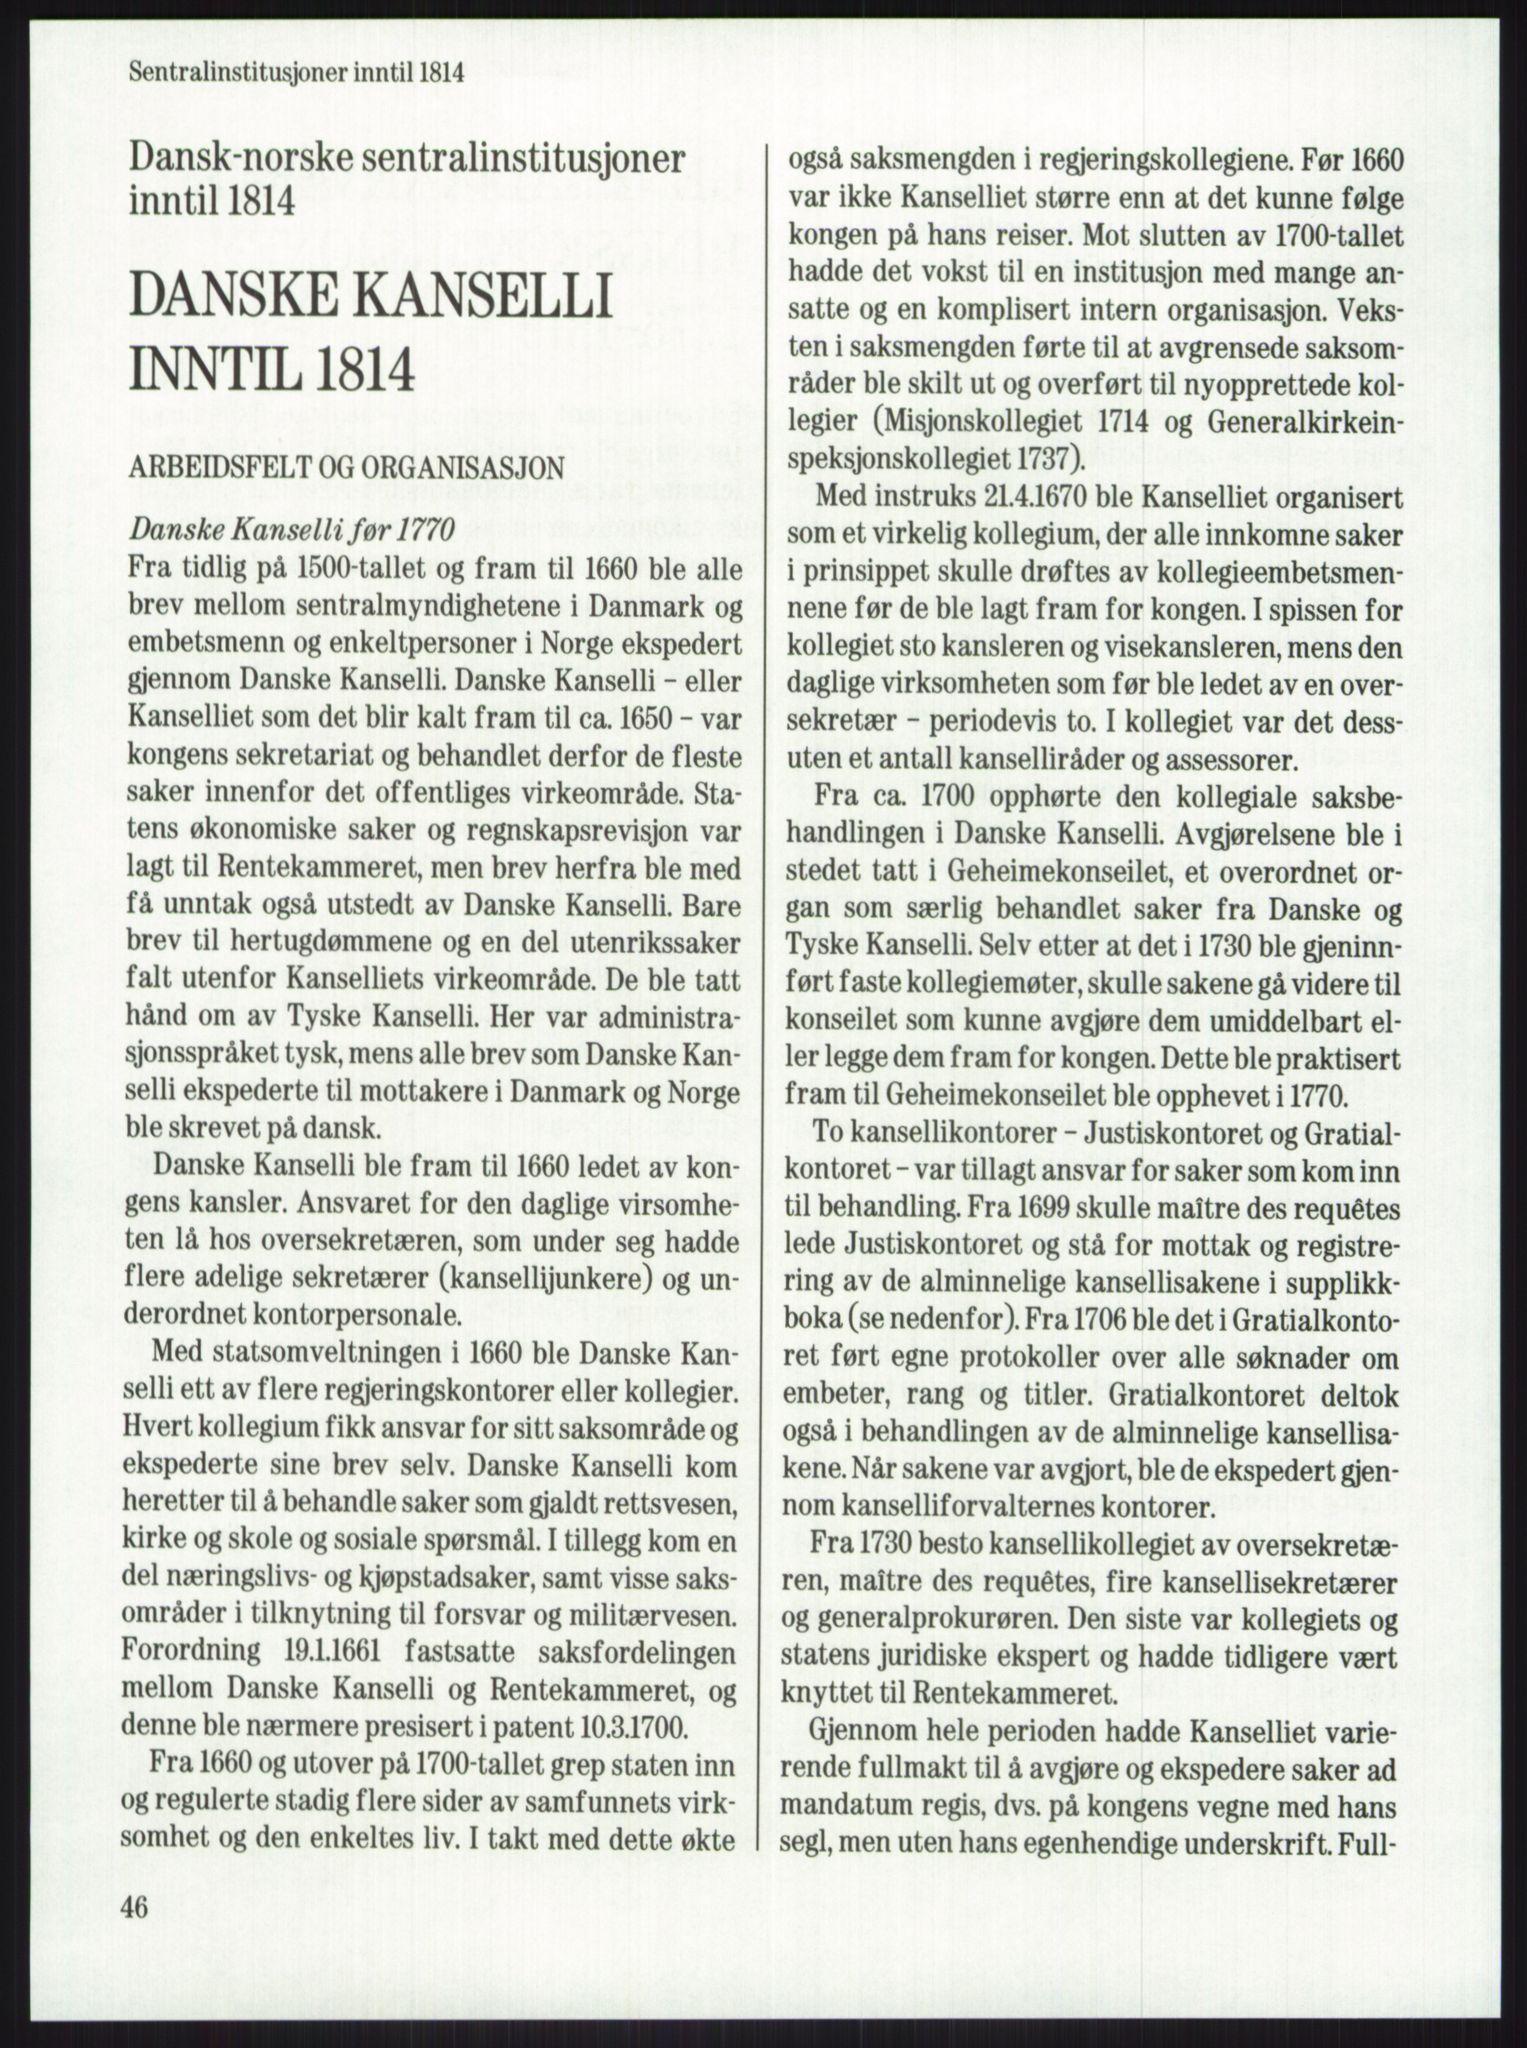 PUBL, Publikasjoner utgitt av Arkivverket, -/-: Knut Johannessen, Ole Kolsrud og Dag Mangset (red.): Håndbok for Riksarkivet (1992), s. 46